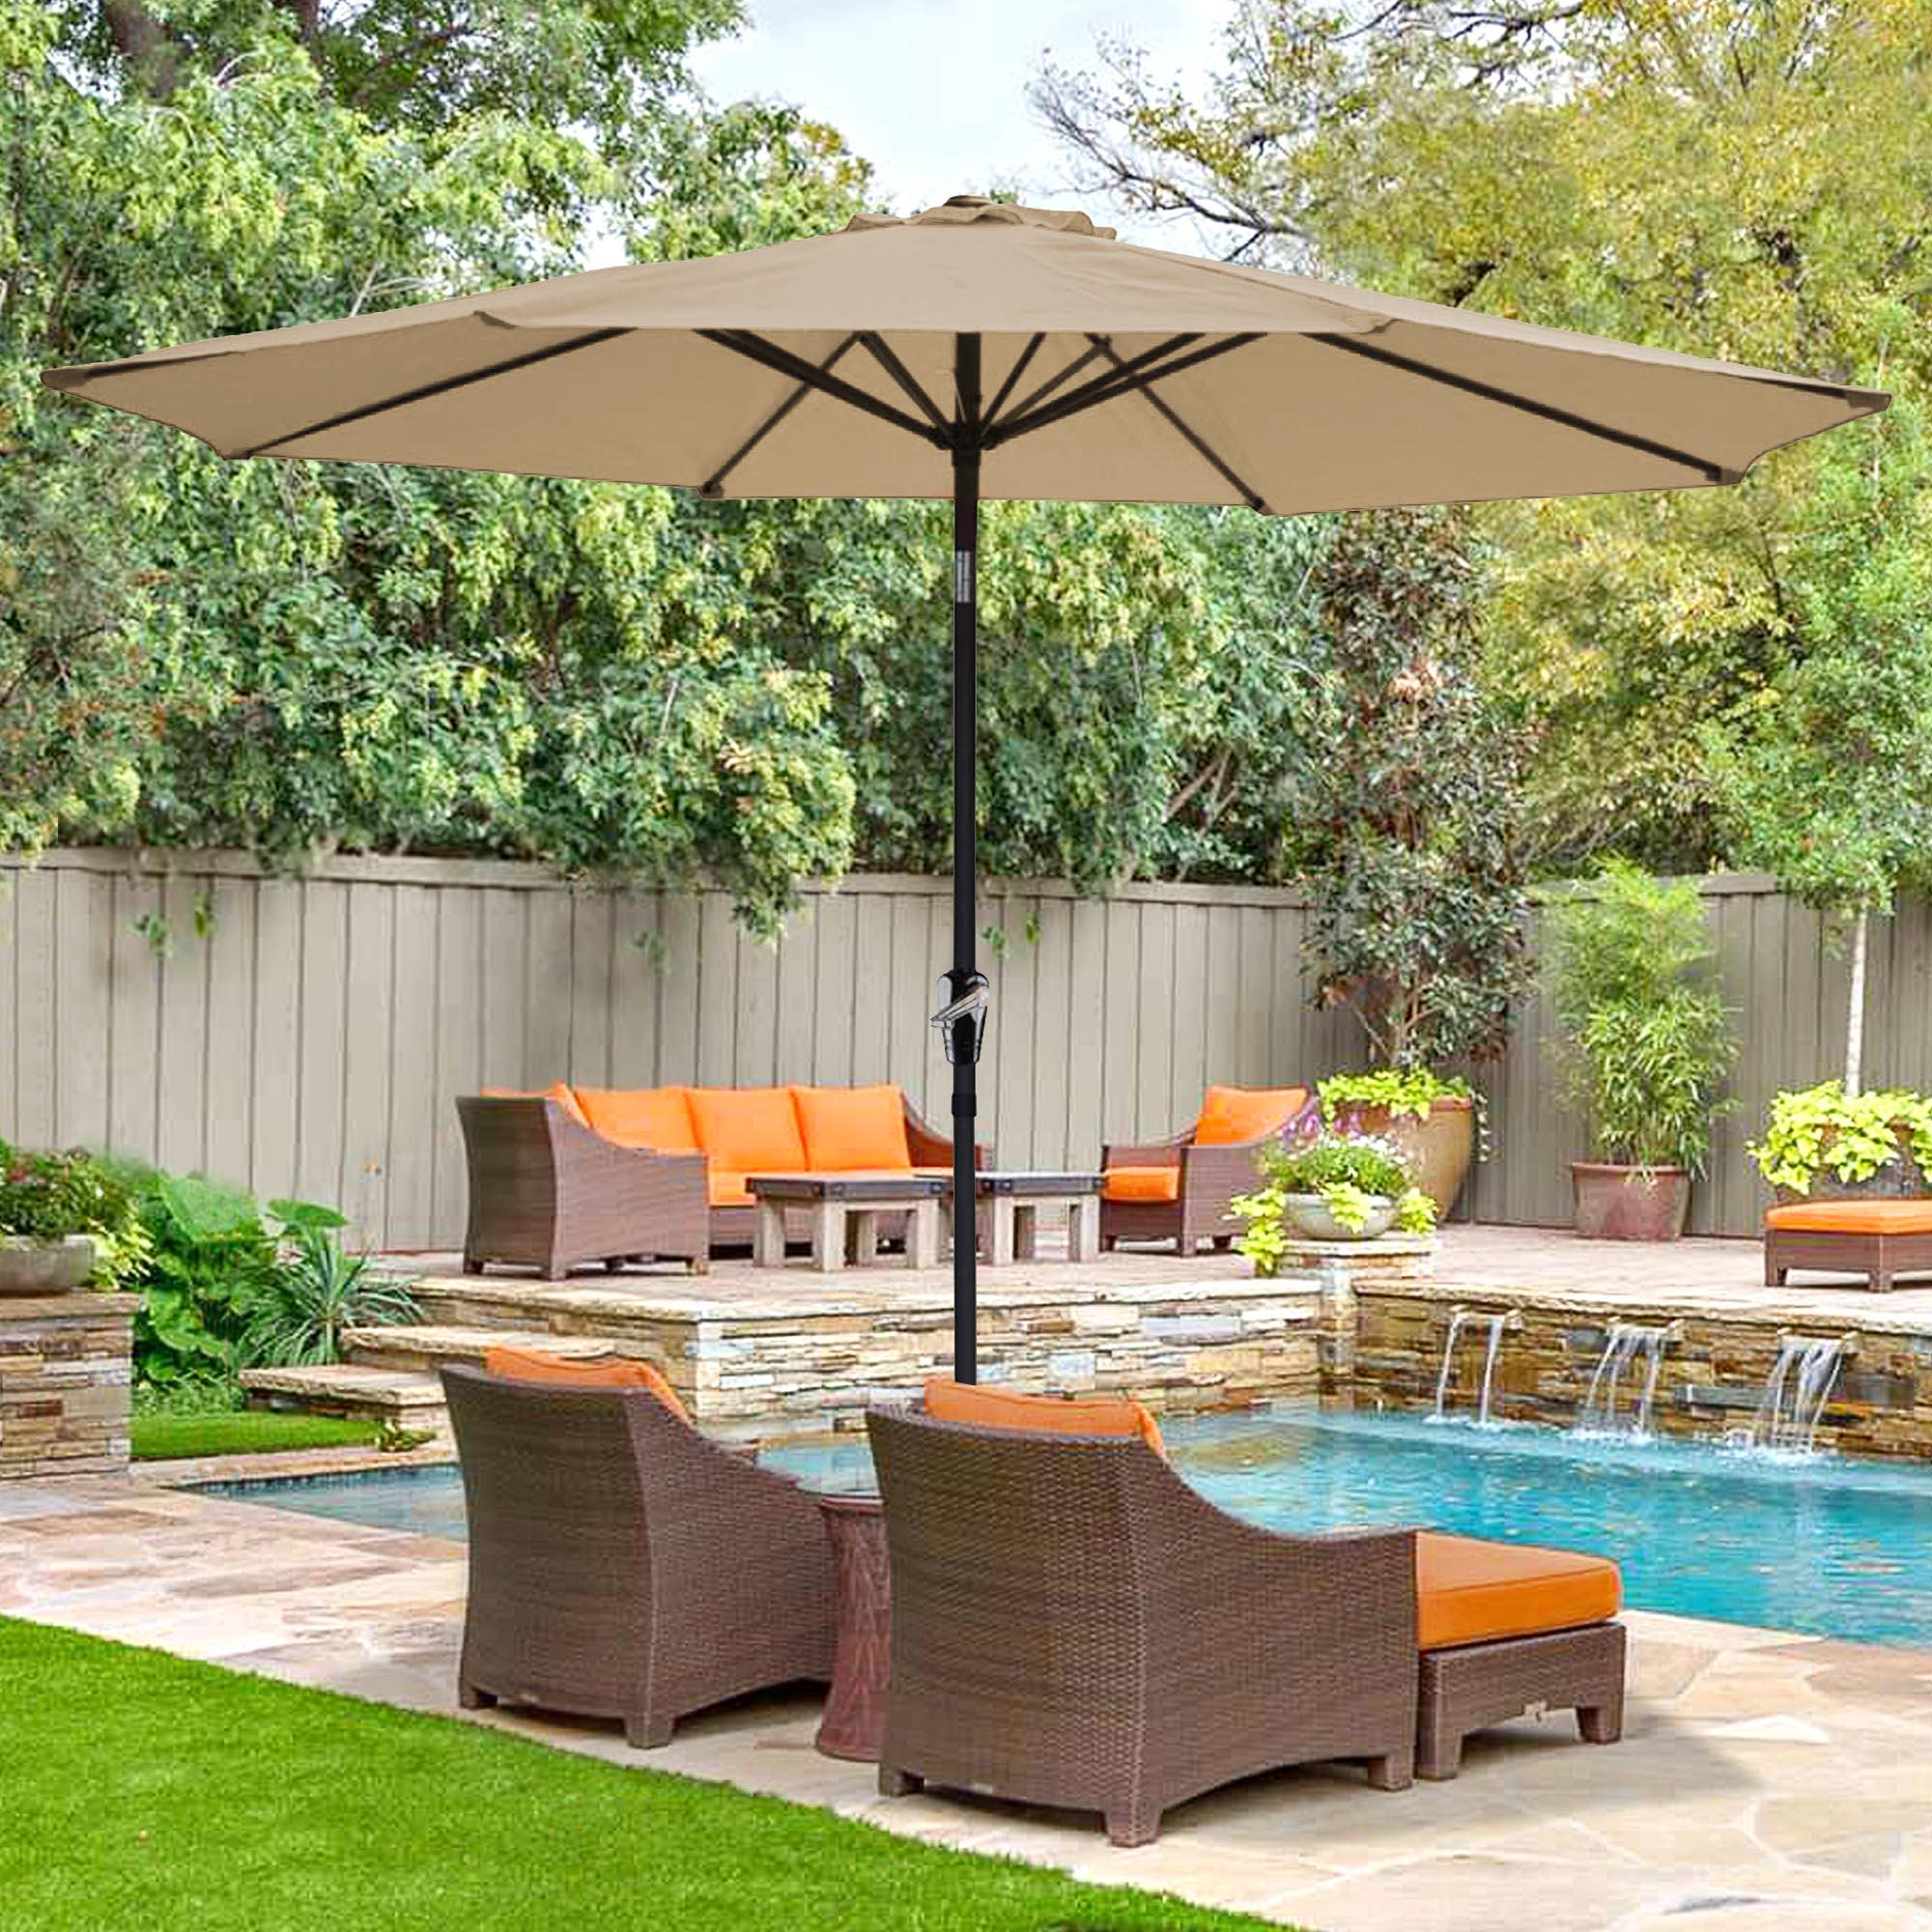 thumbnail 98 - 9' Outdoor Umbrella Patio 8 Ribs Market Garden Crank Tilt Beach Sunshade Parasol